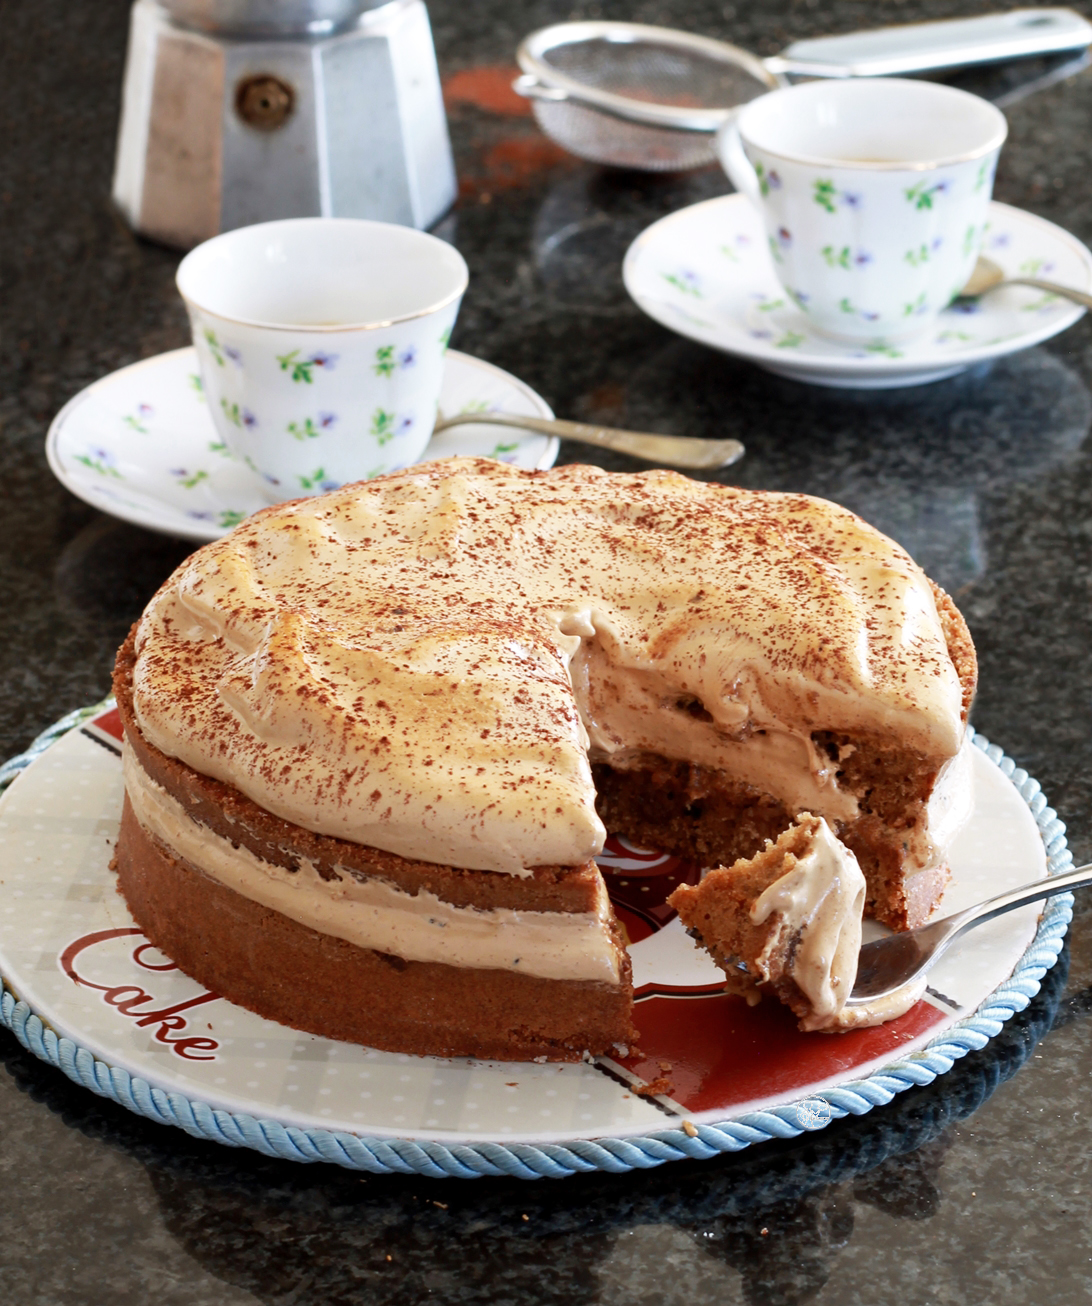 Dalgona cake sans gluten - La Cassata Celiaca